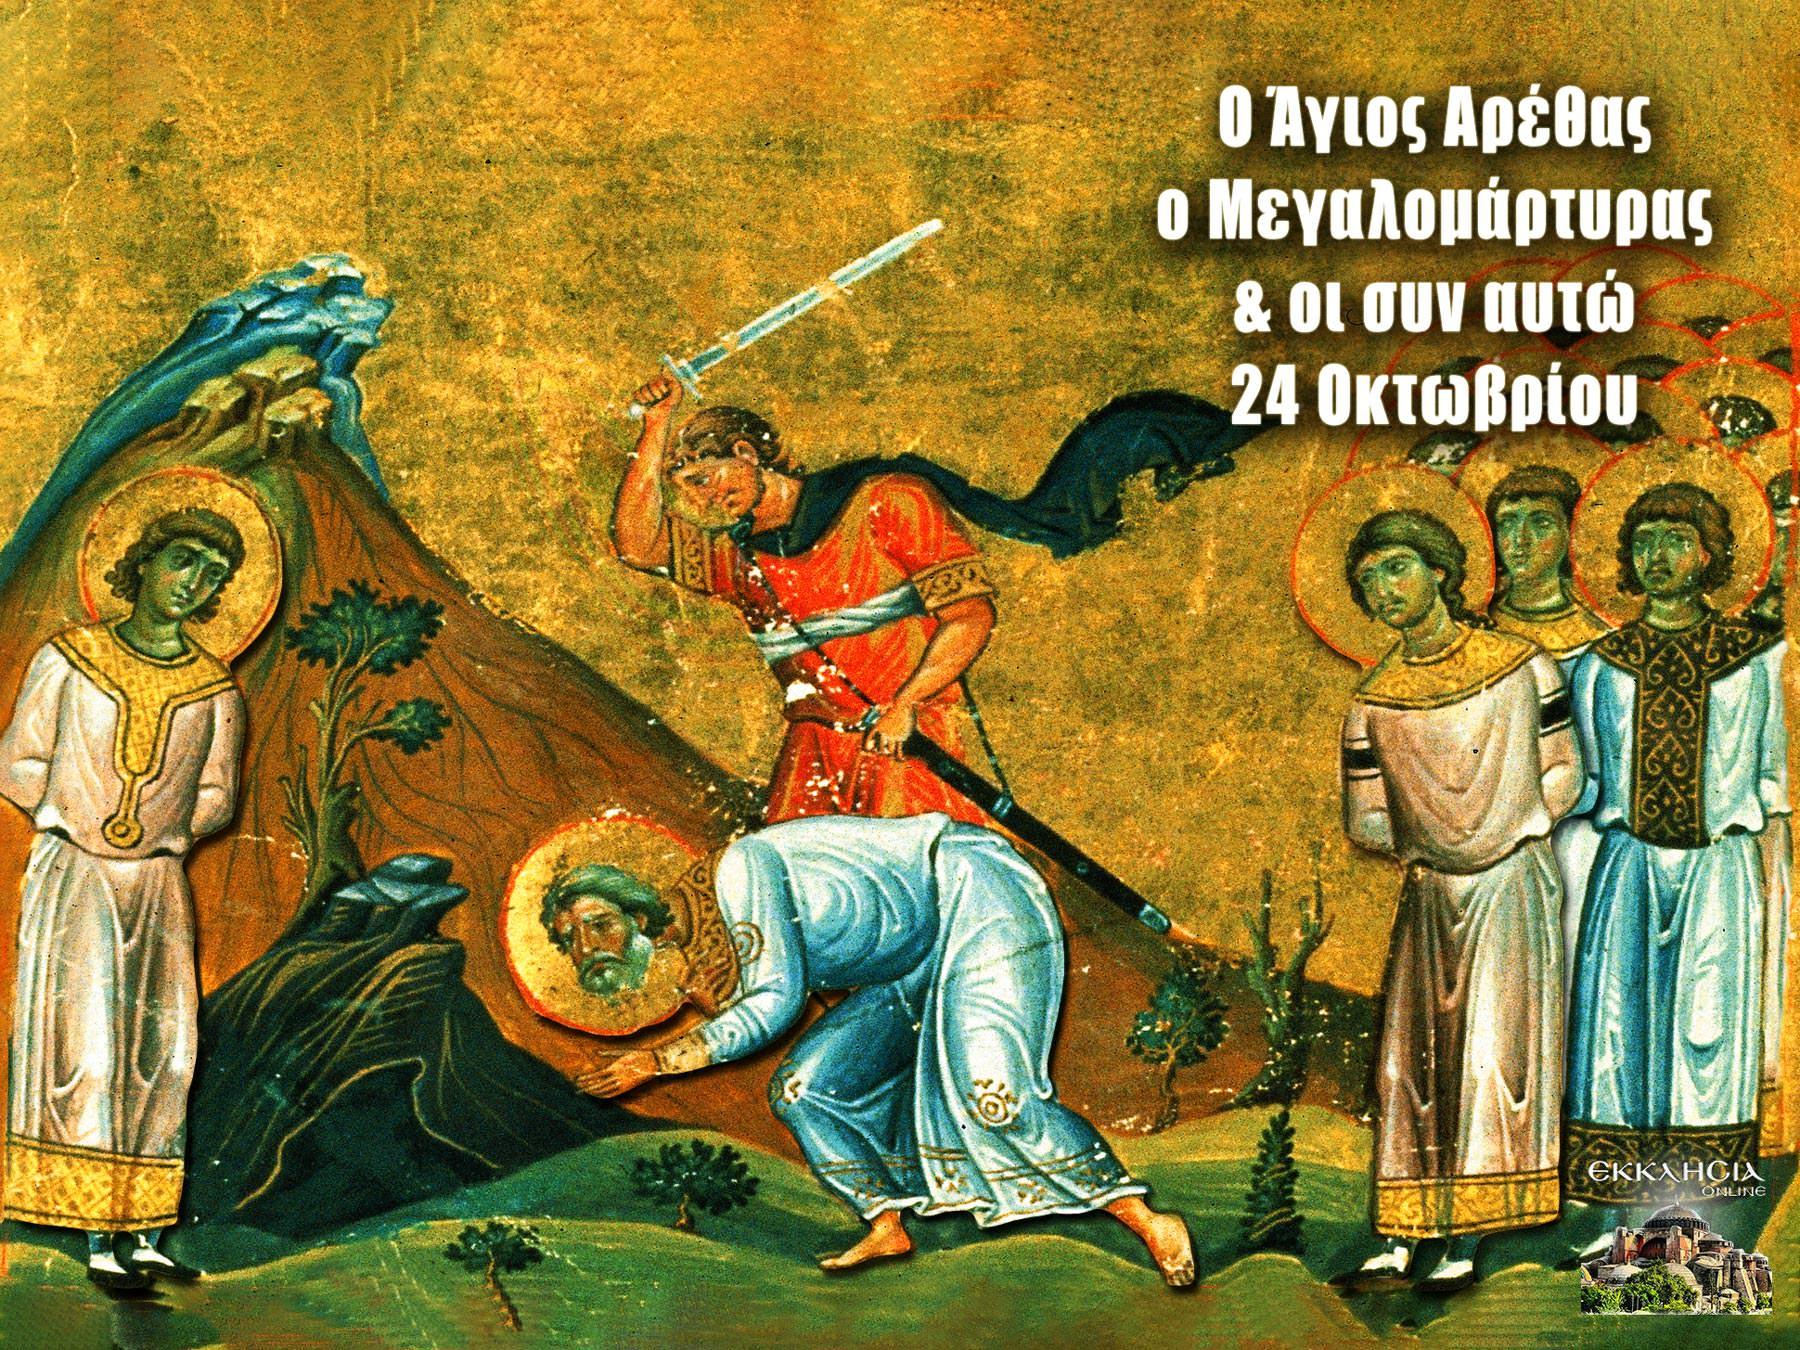 Άγιος Αρέθας 24 Οκτωβρίου